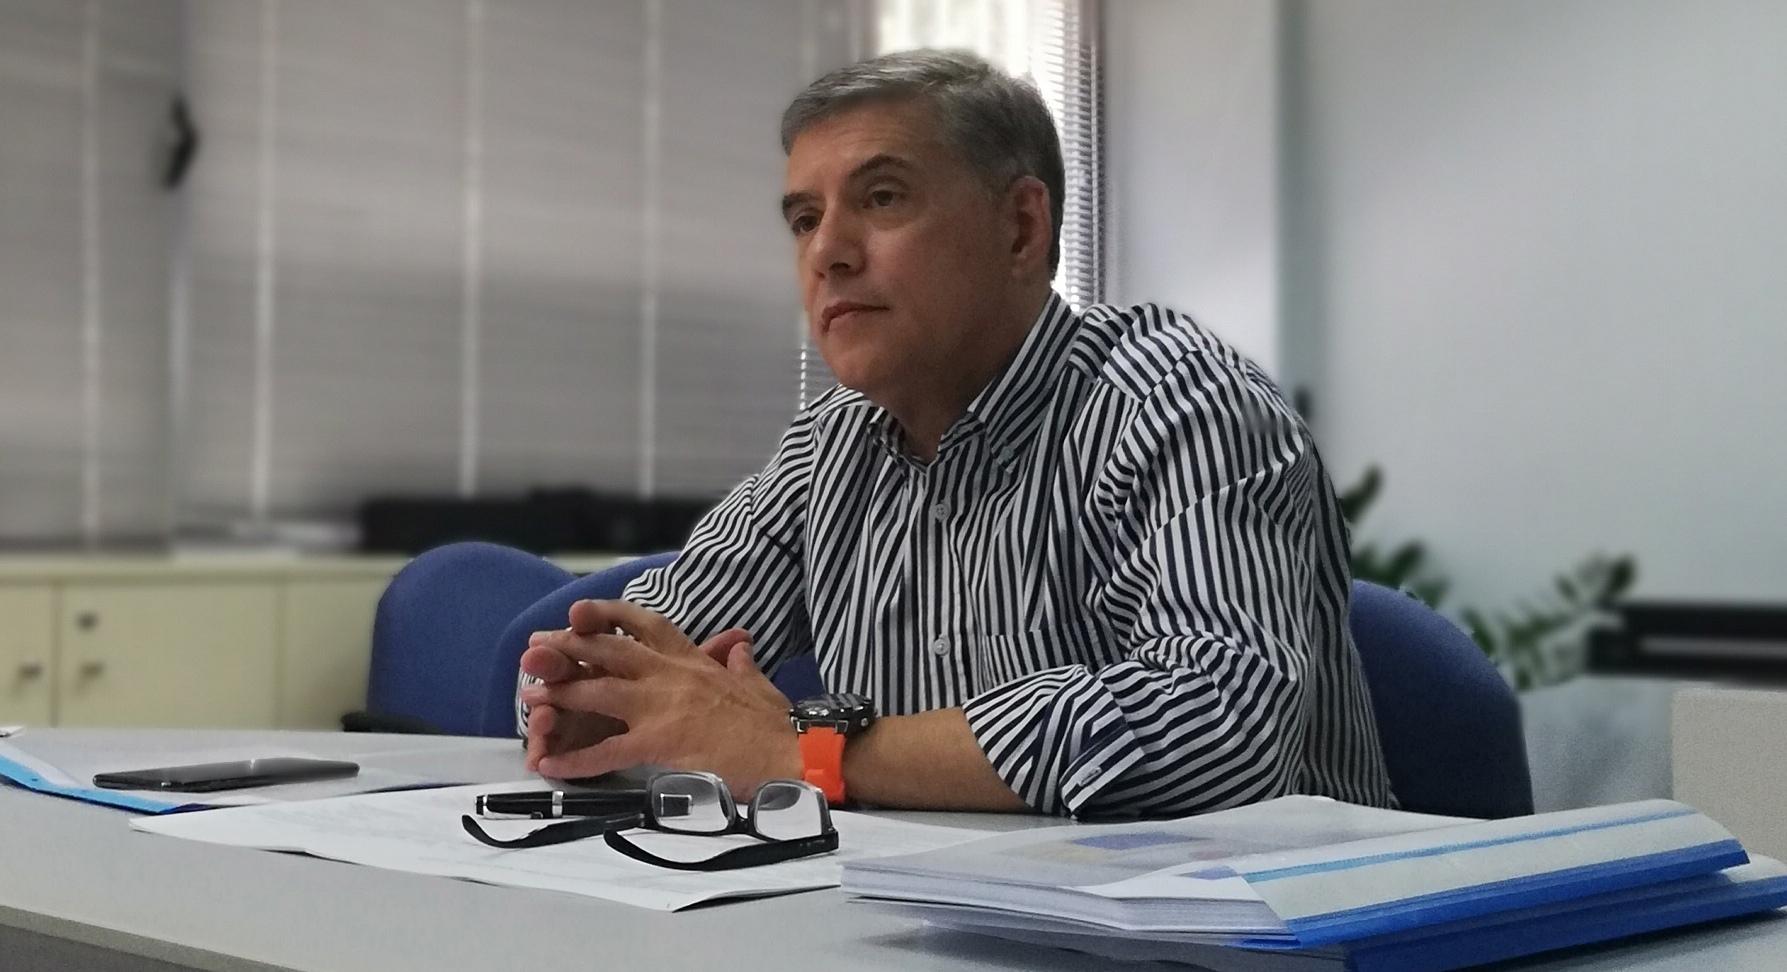 Δεκαπέντε νέα έργα εντάχθηκαν στο Πρόγραμμα Δημοσίων Επενδύσεων της Θεσσαλίας